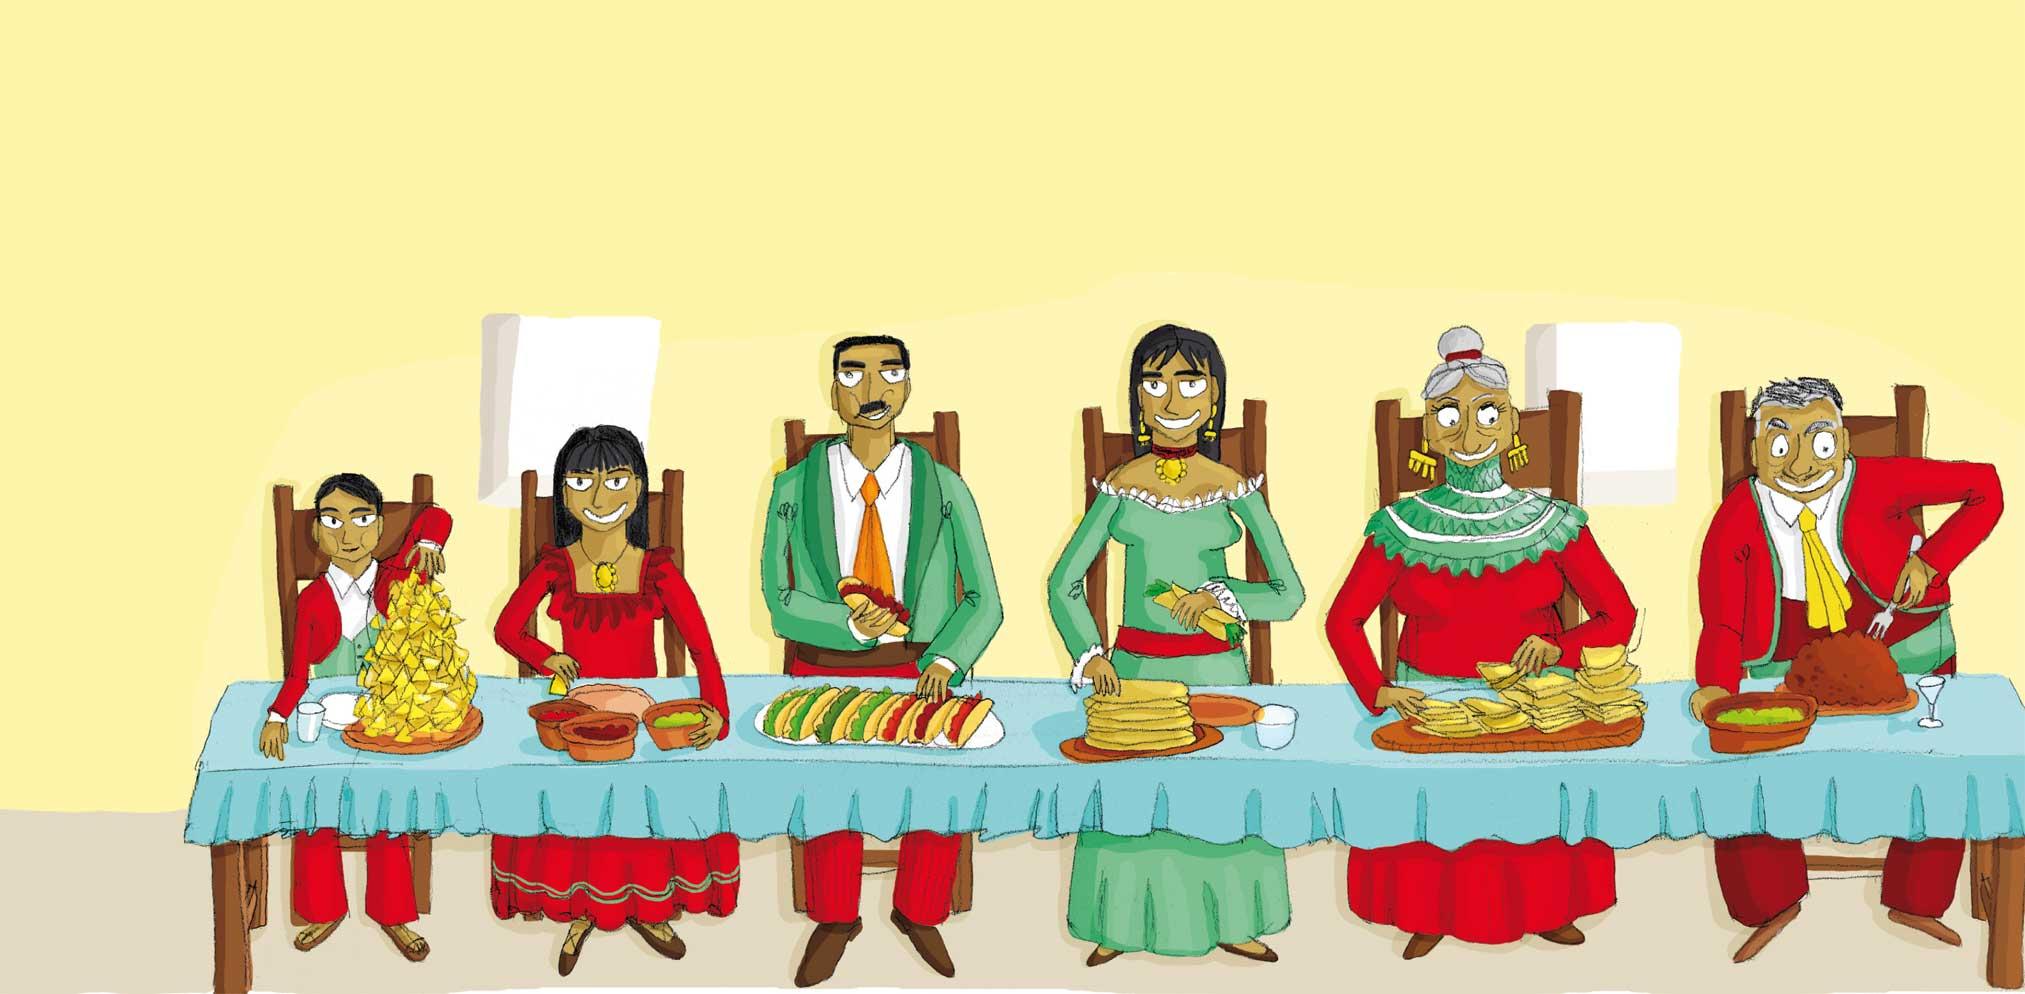 jeu-cartes-7-familles-mexicaines-tortillas-julie-miseray